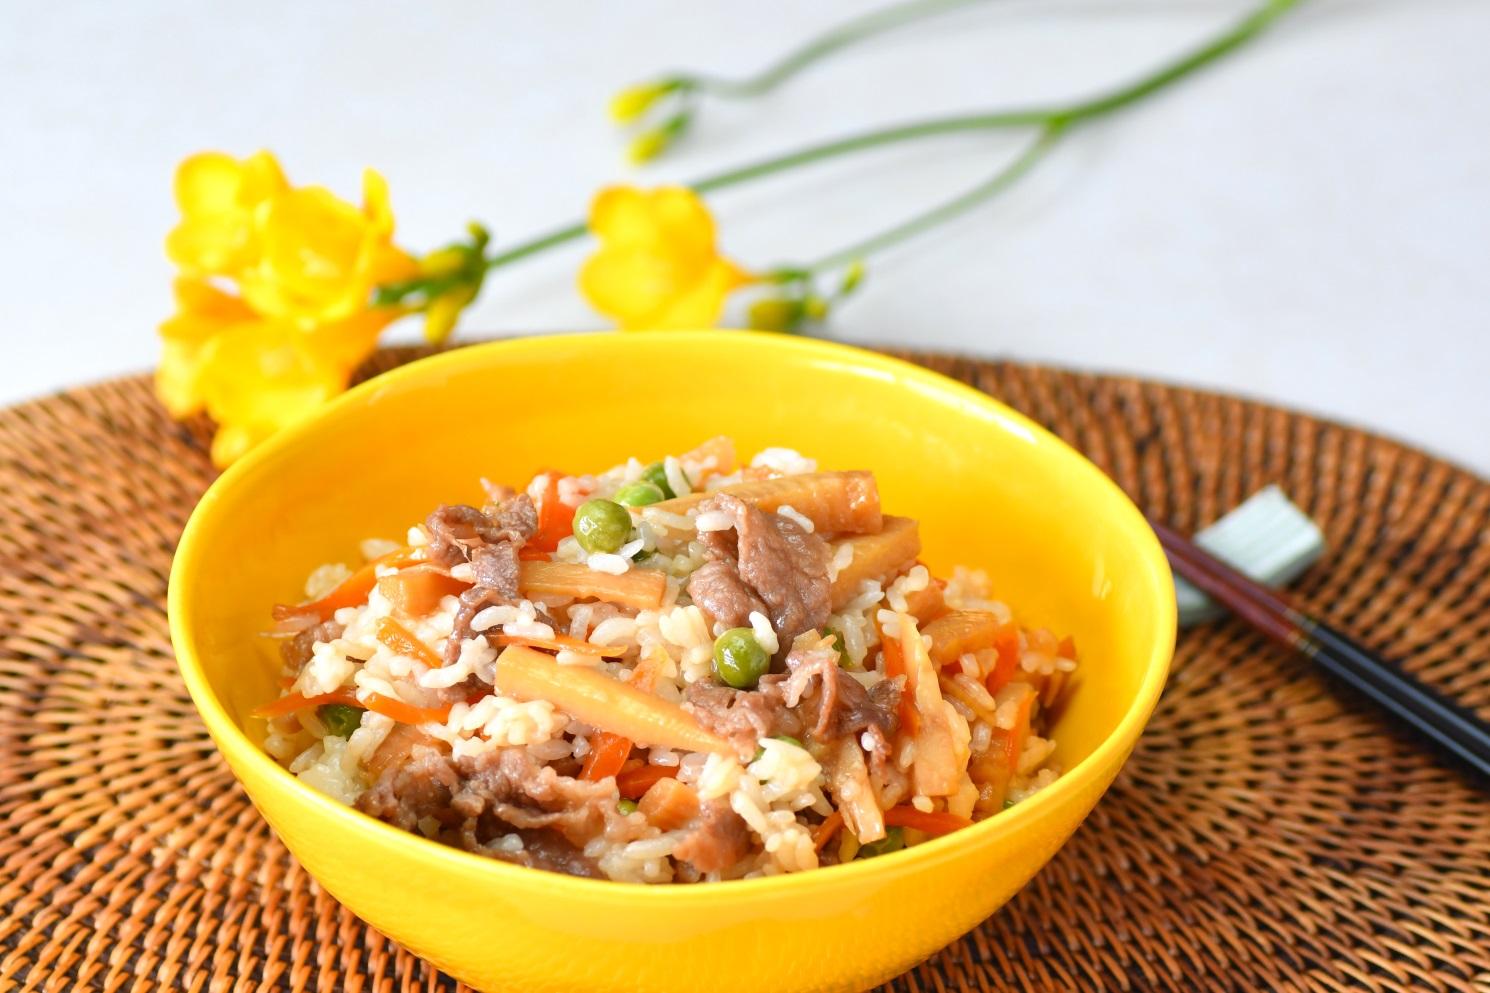 牛肉と筍の混ぜご飯